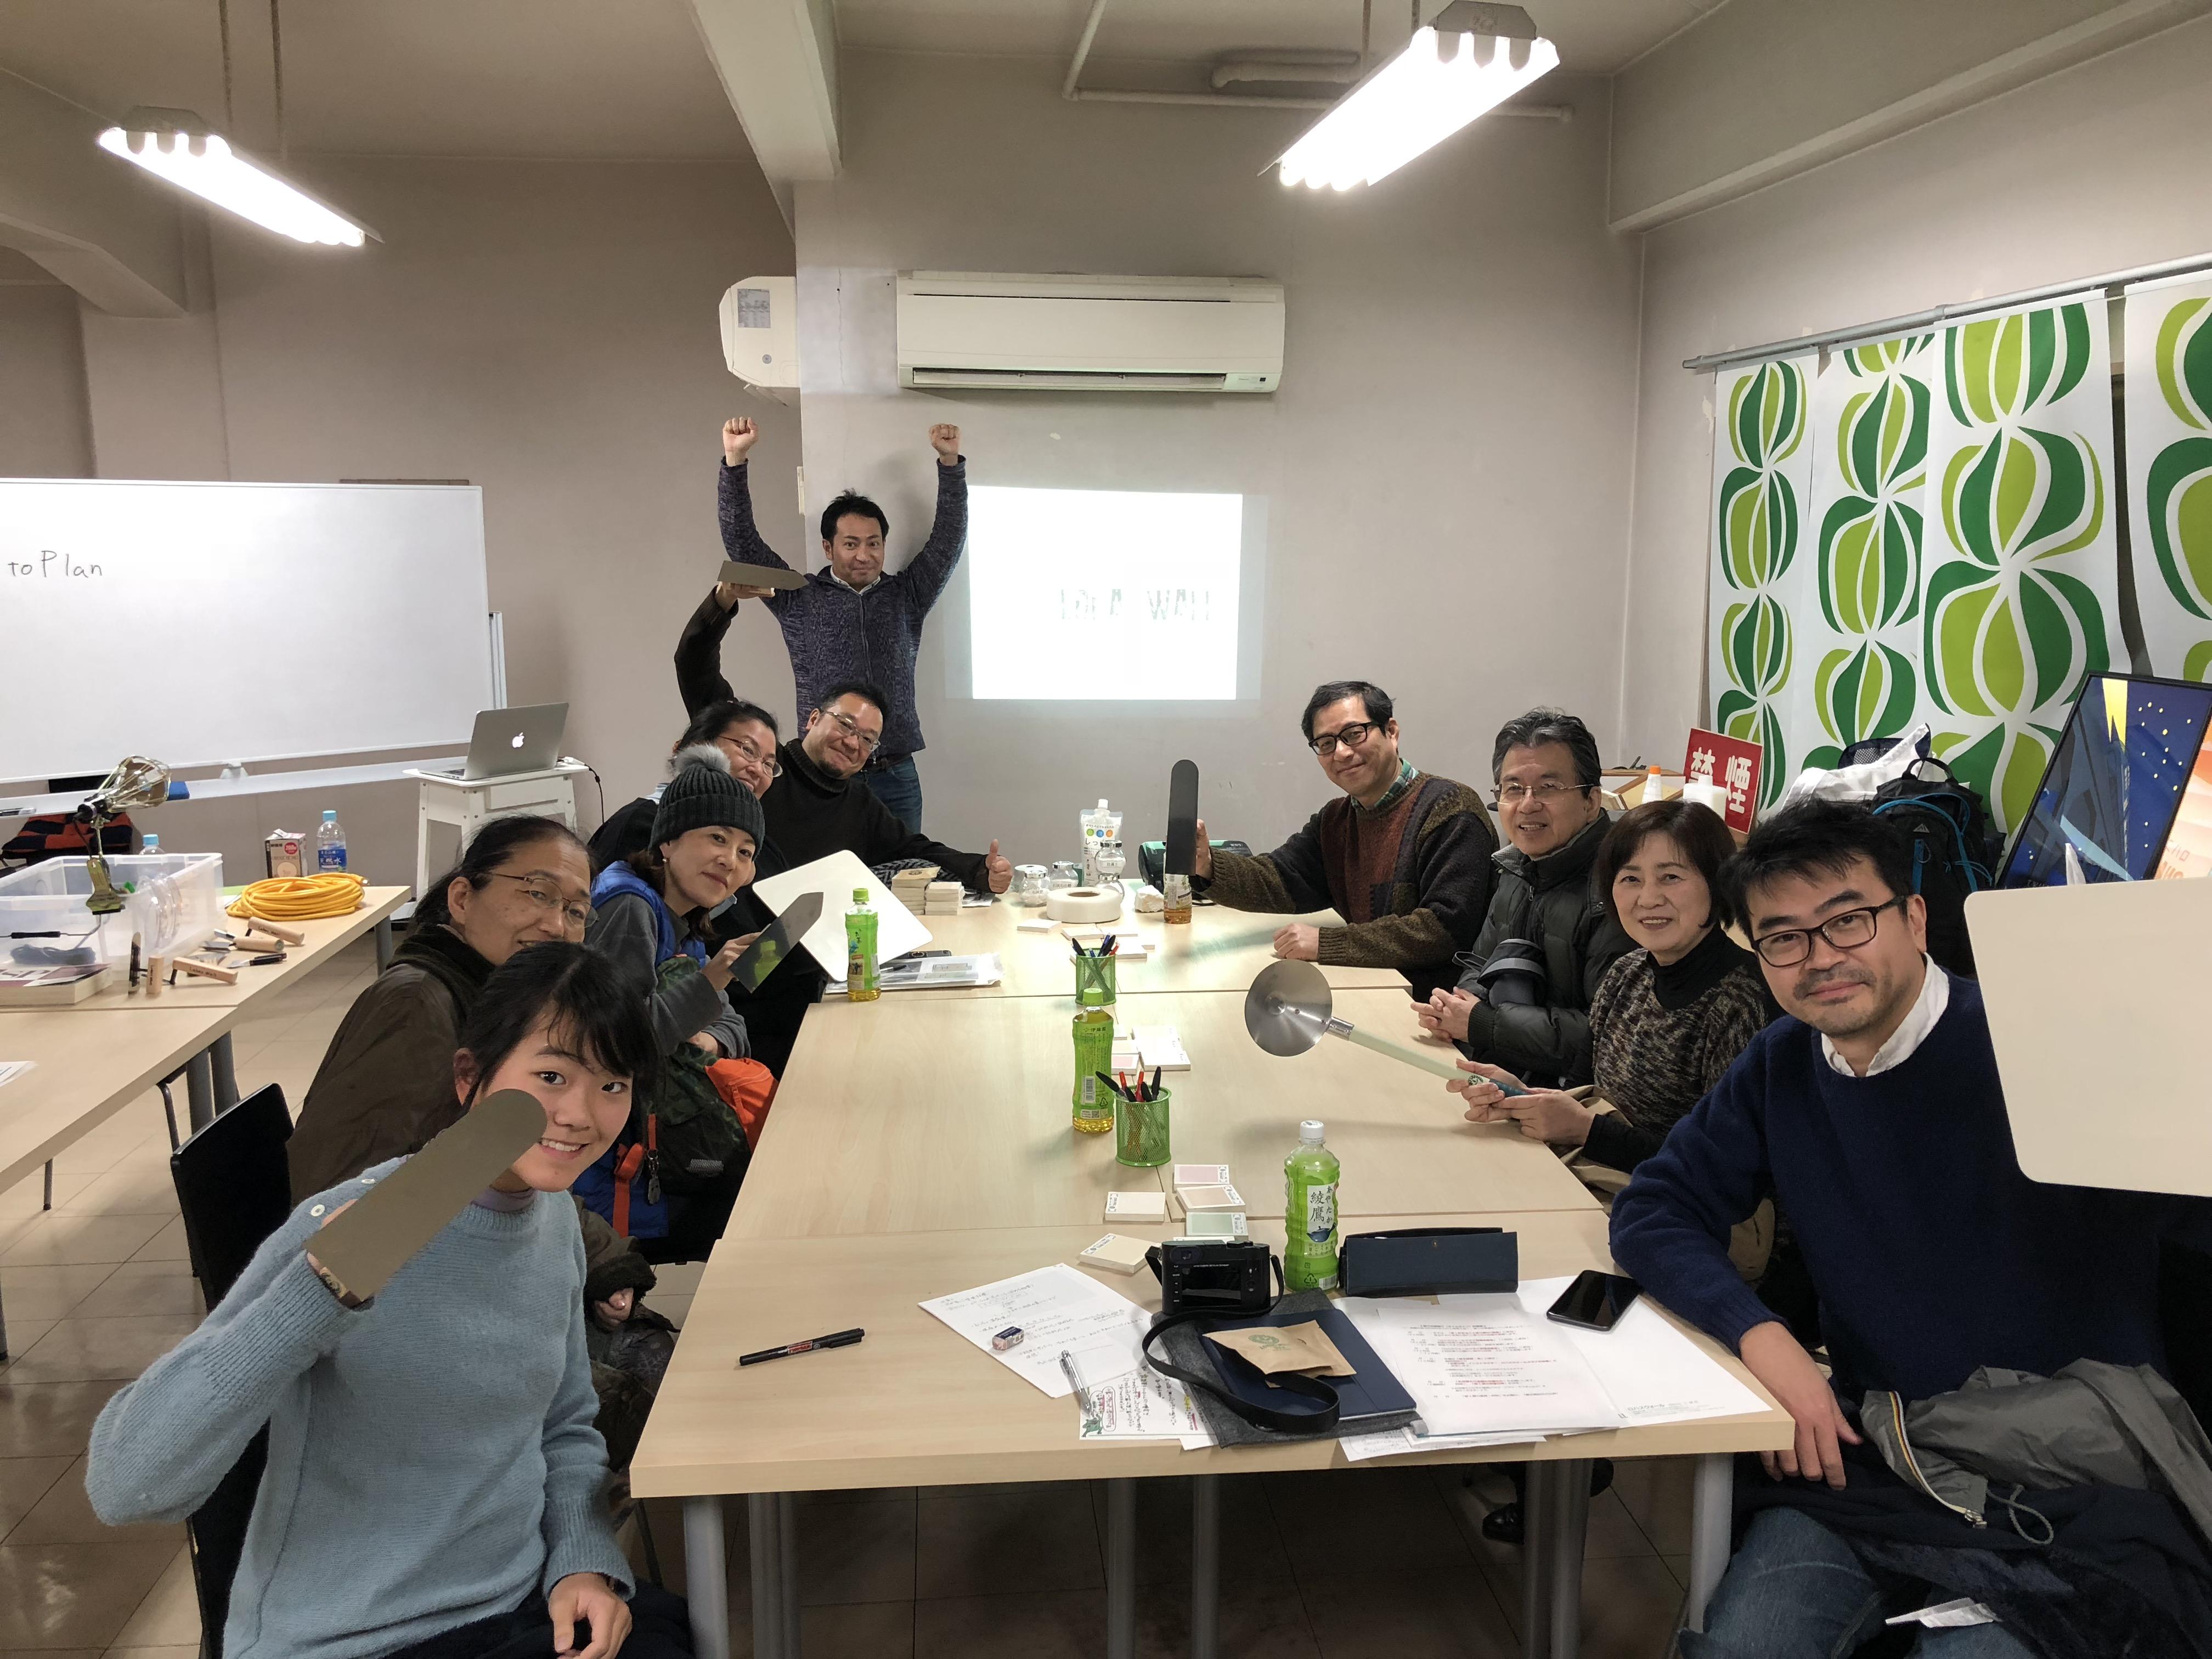 大阪で漆喰/珪藻土DIYの教室を開催しているロハスウォール大阪へのアクセス方法